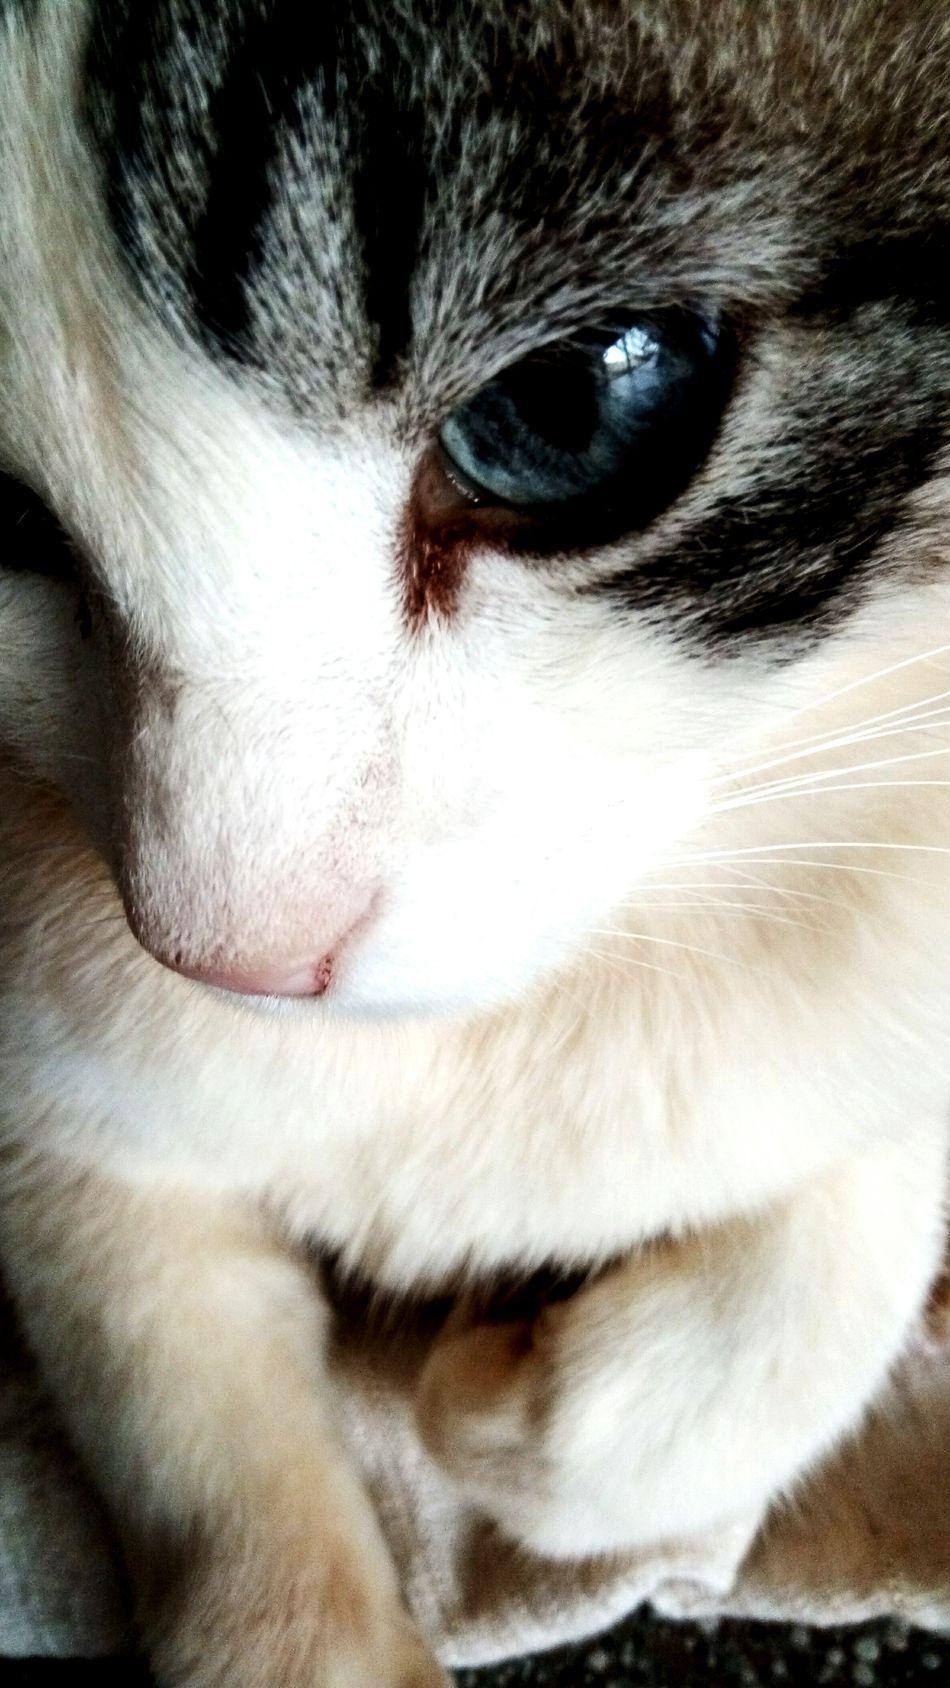 Cat. Cat Cateyes